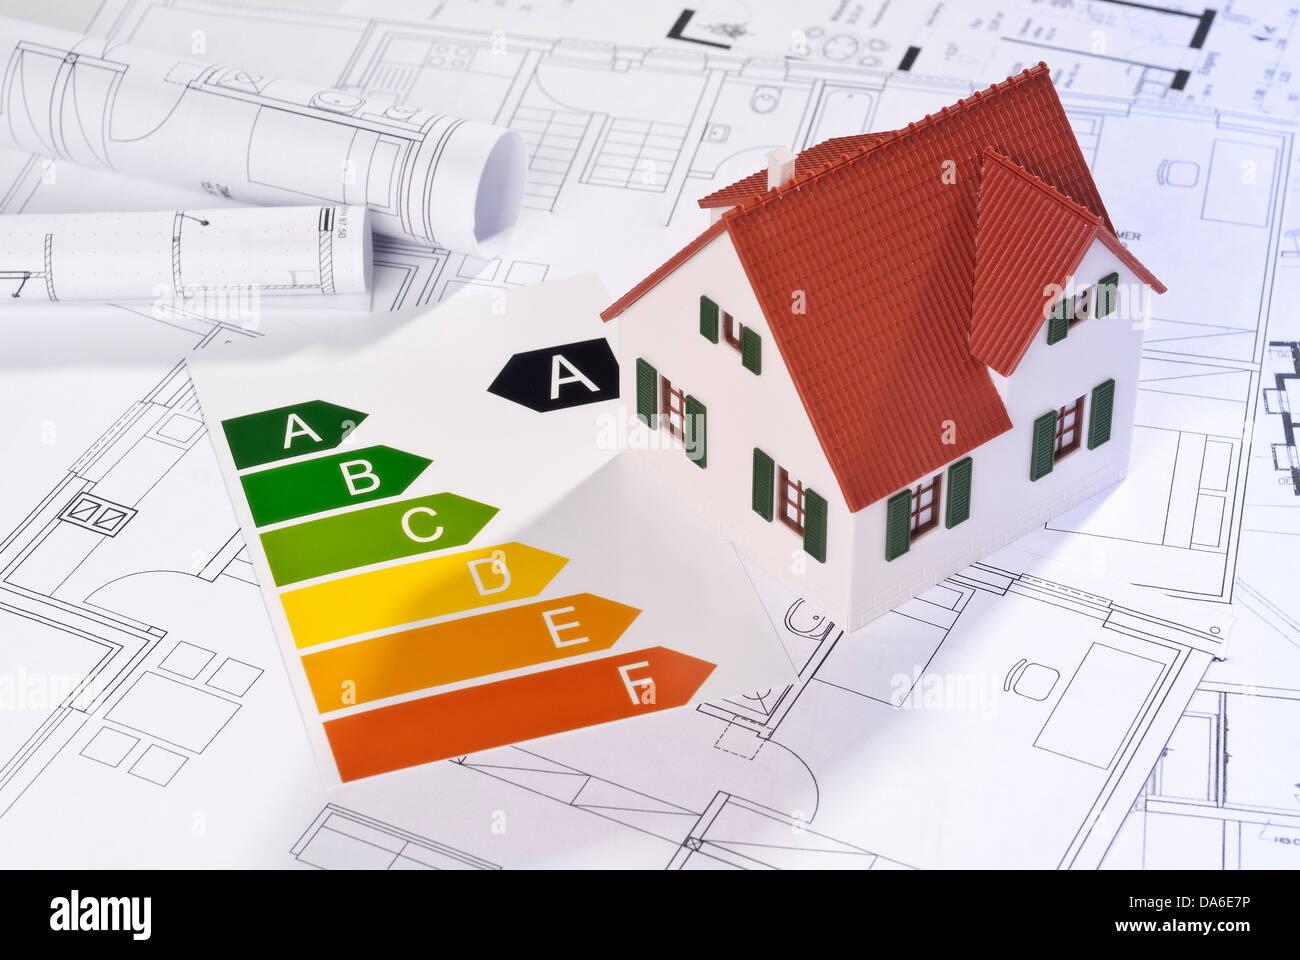 Energieeffizienz-Label mit Architekturmodell und Baupläne. Stockbild